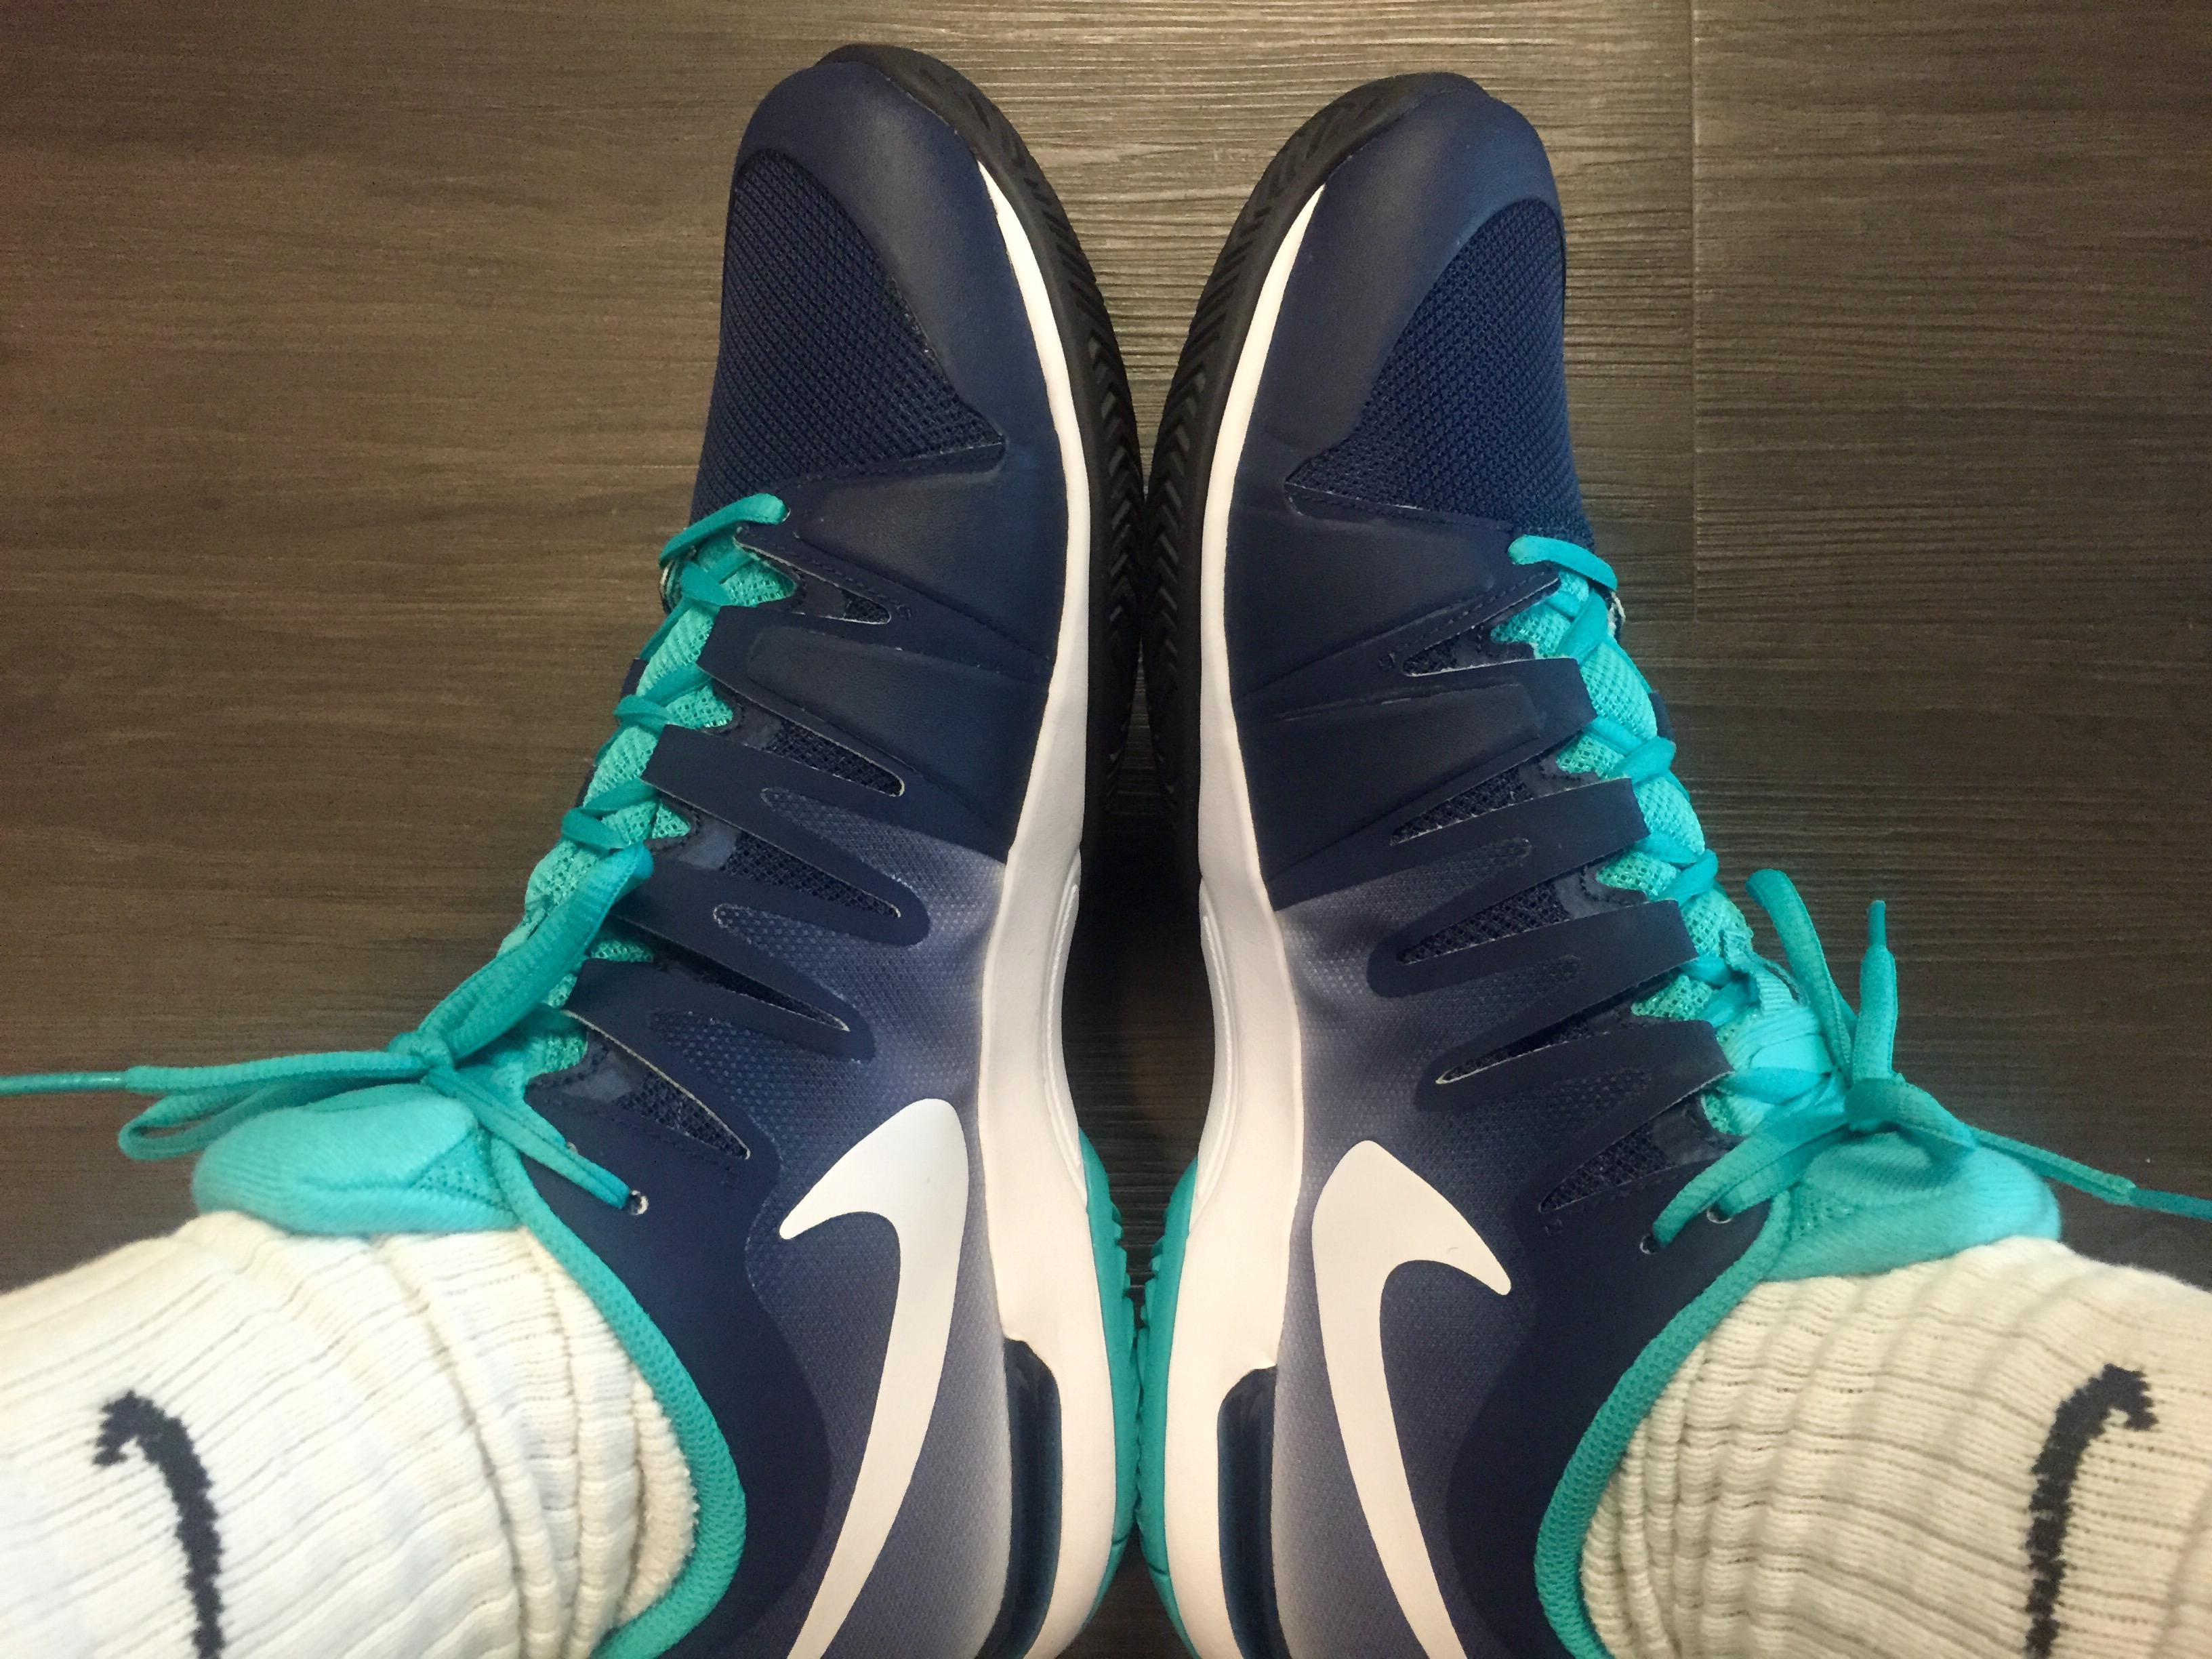 511ba06a41ecc Nike Zoom Vapor 9.5 Tour Navy Green